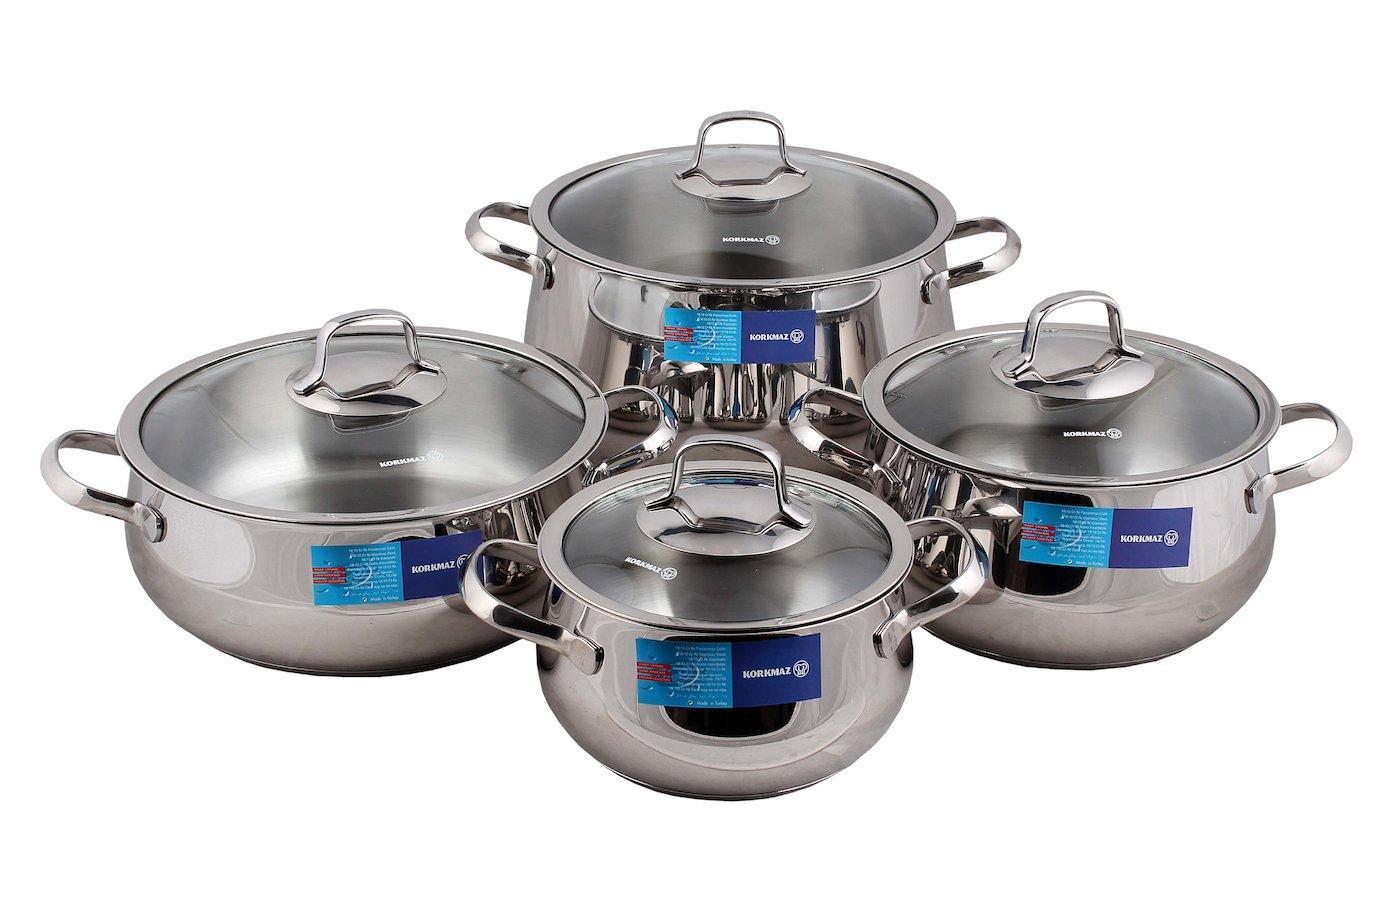 Набор посуды  KORKMAZ A1626 Набор посуды (4 кастрюли с крышками) Mona 8 pcs.